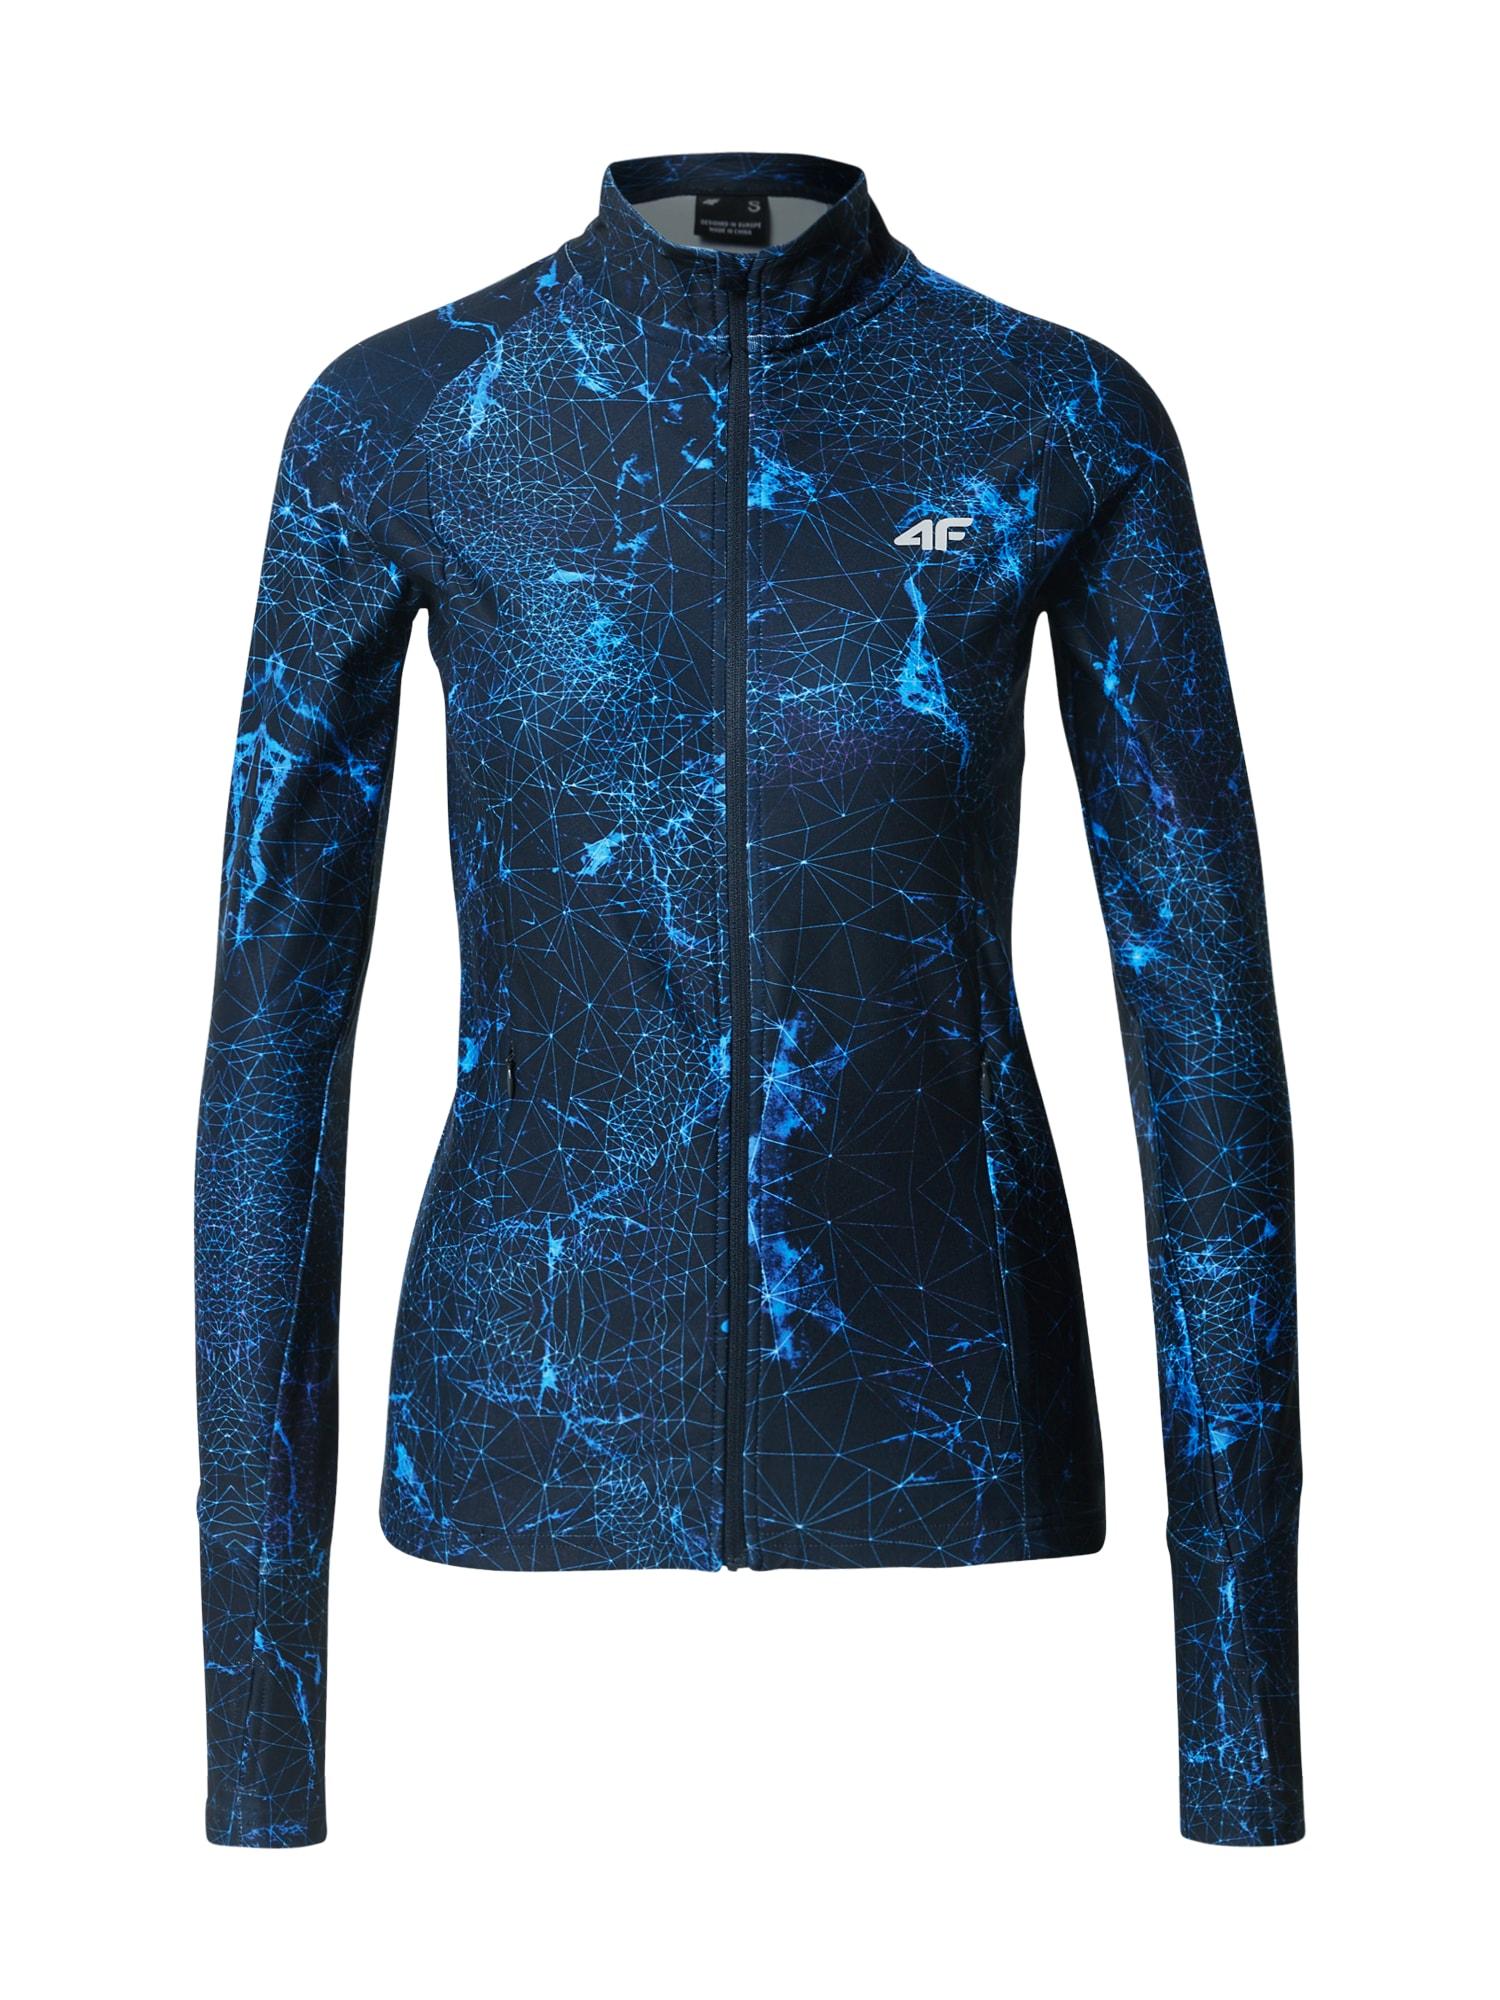 4F Sportinis džemperis mėlyna / tamsiai mėlyna / dangaus žydra